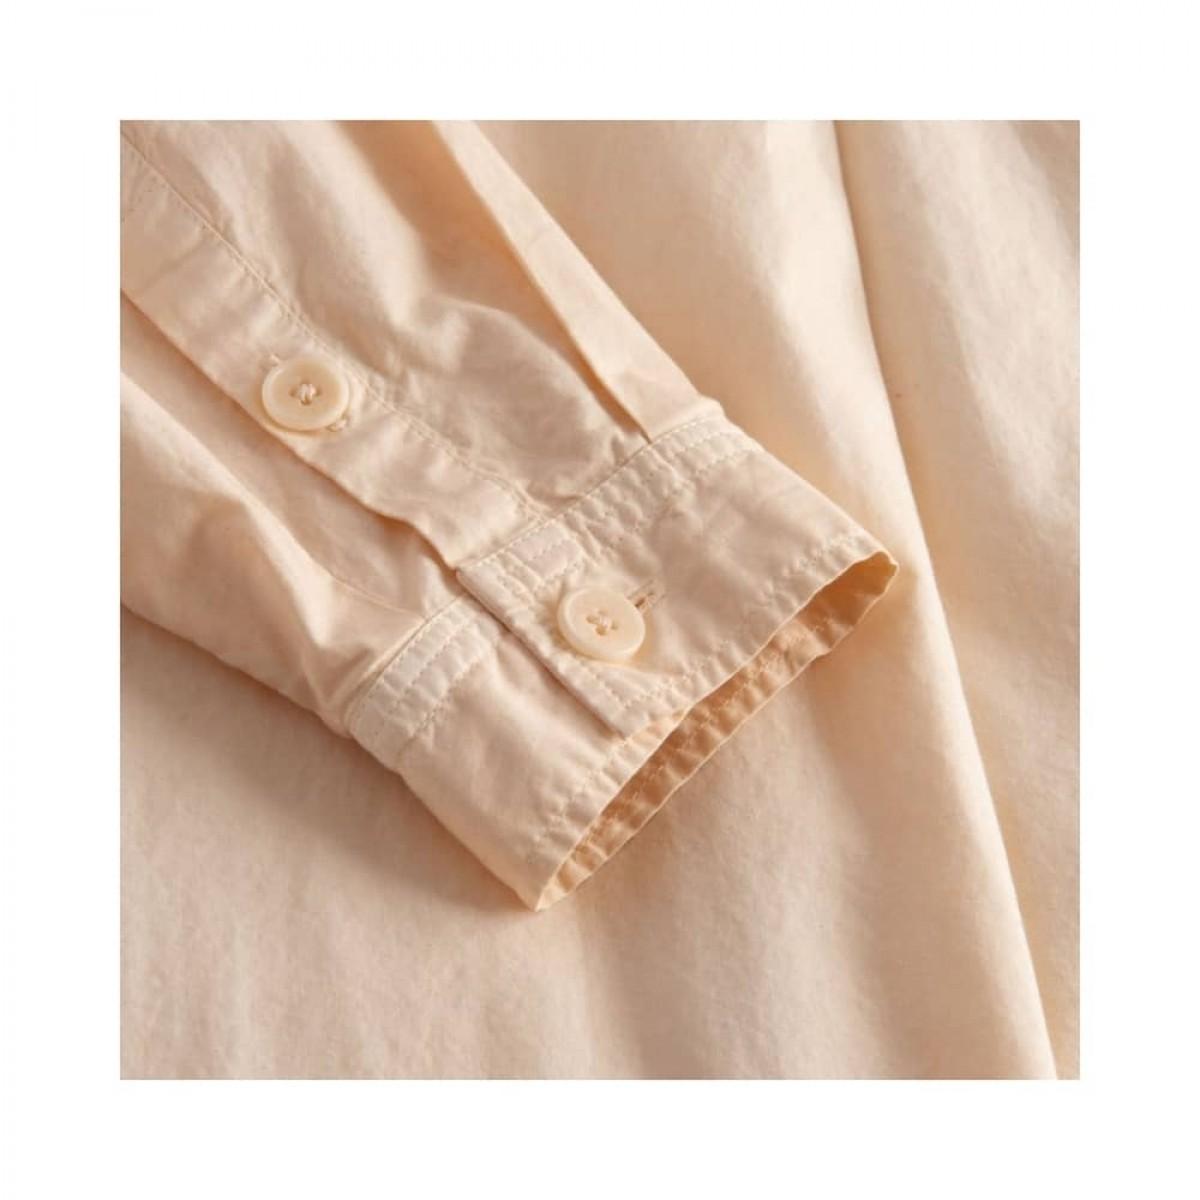 shiloh skjorte - oat - ærme detalje